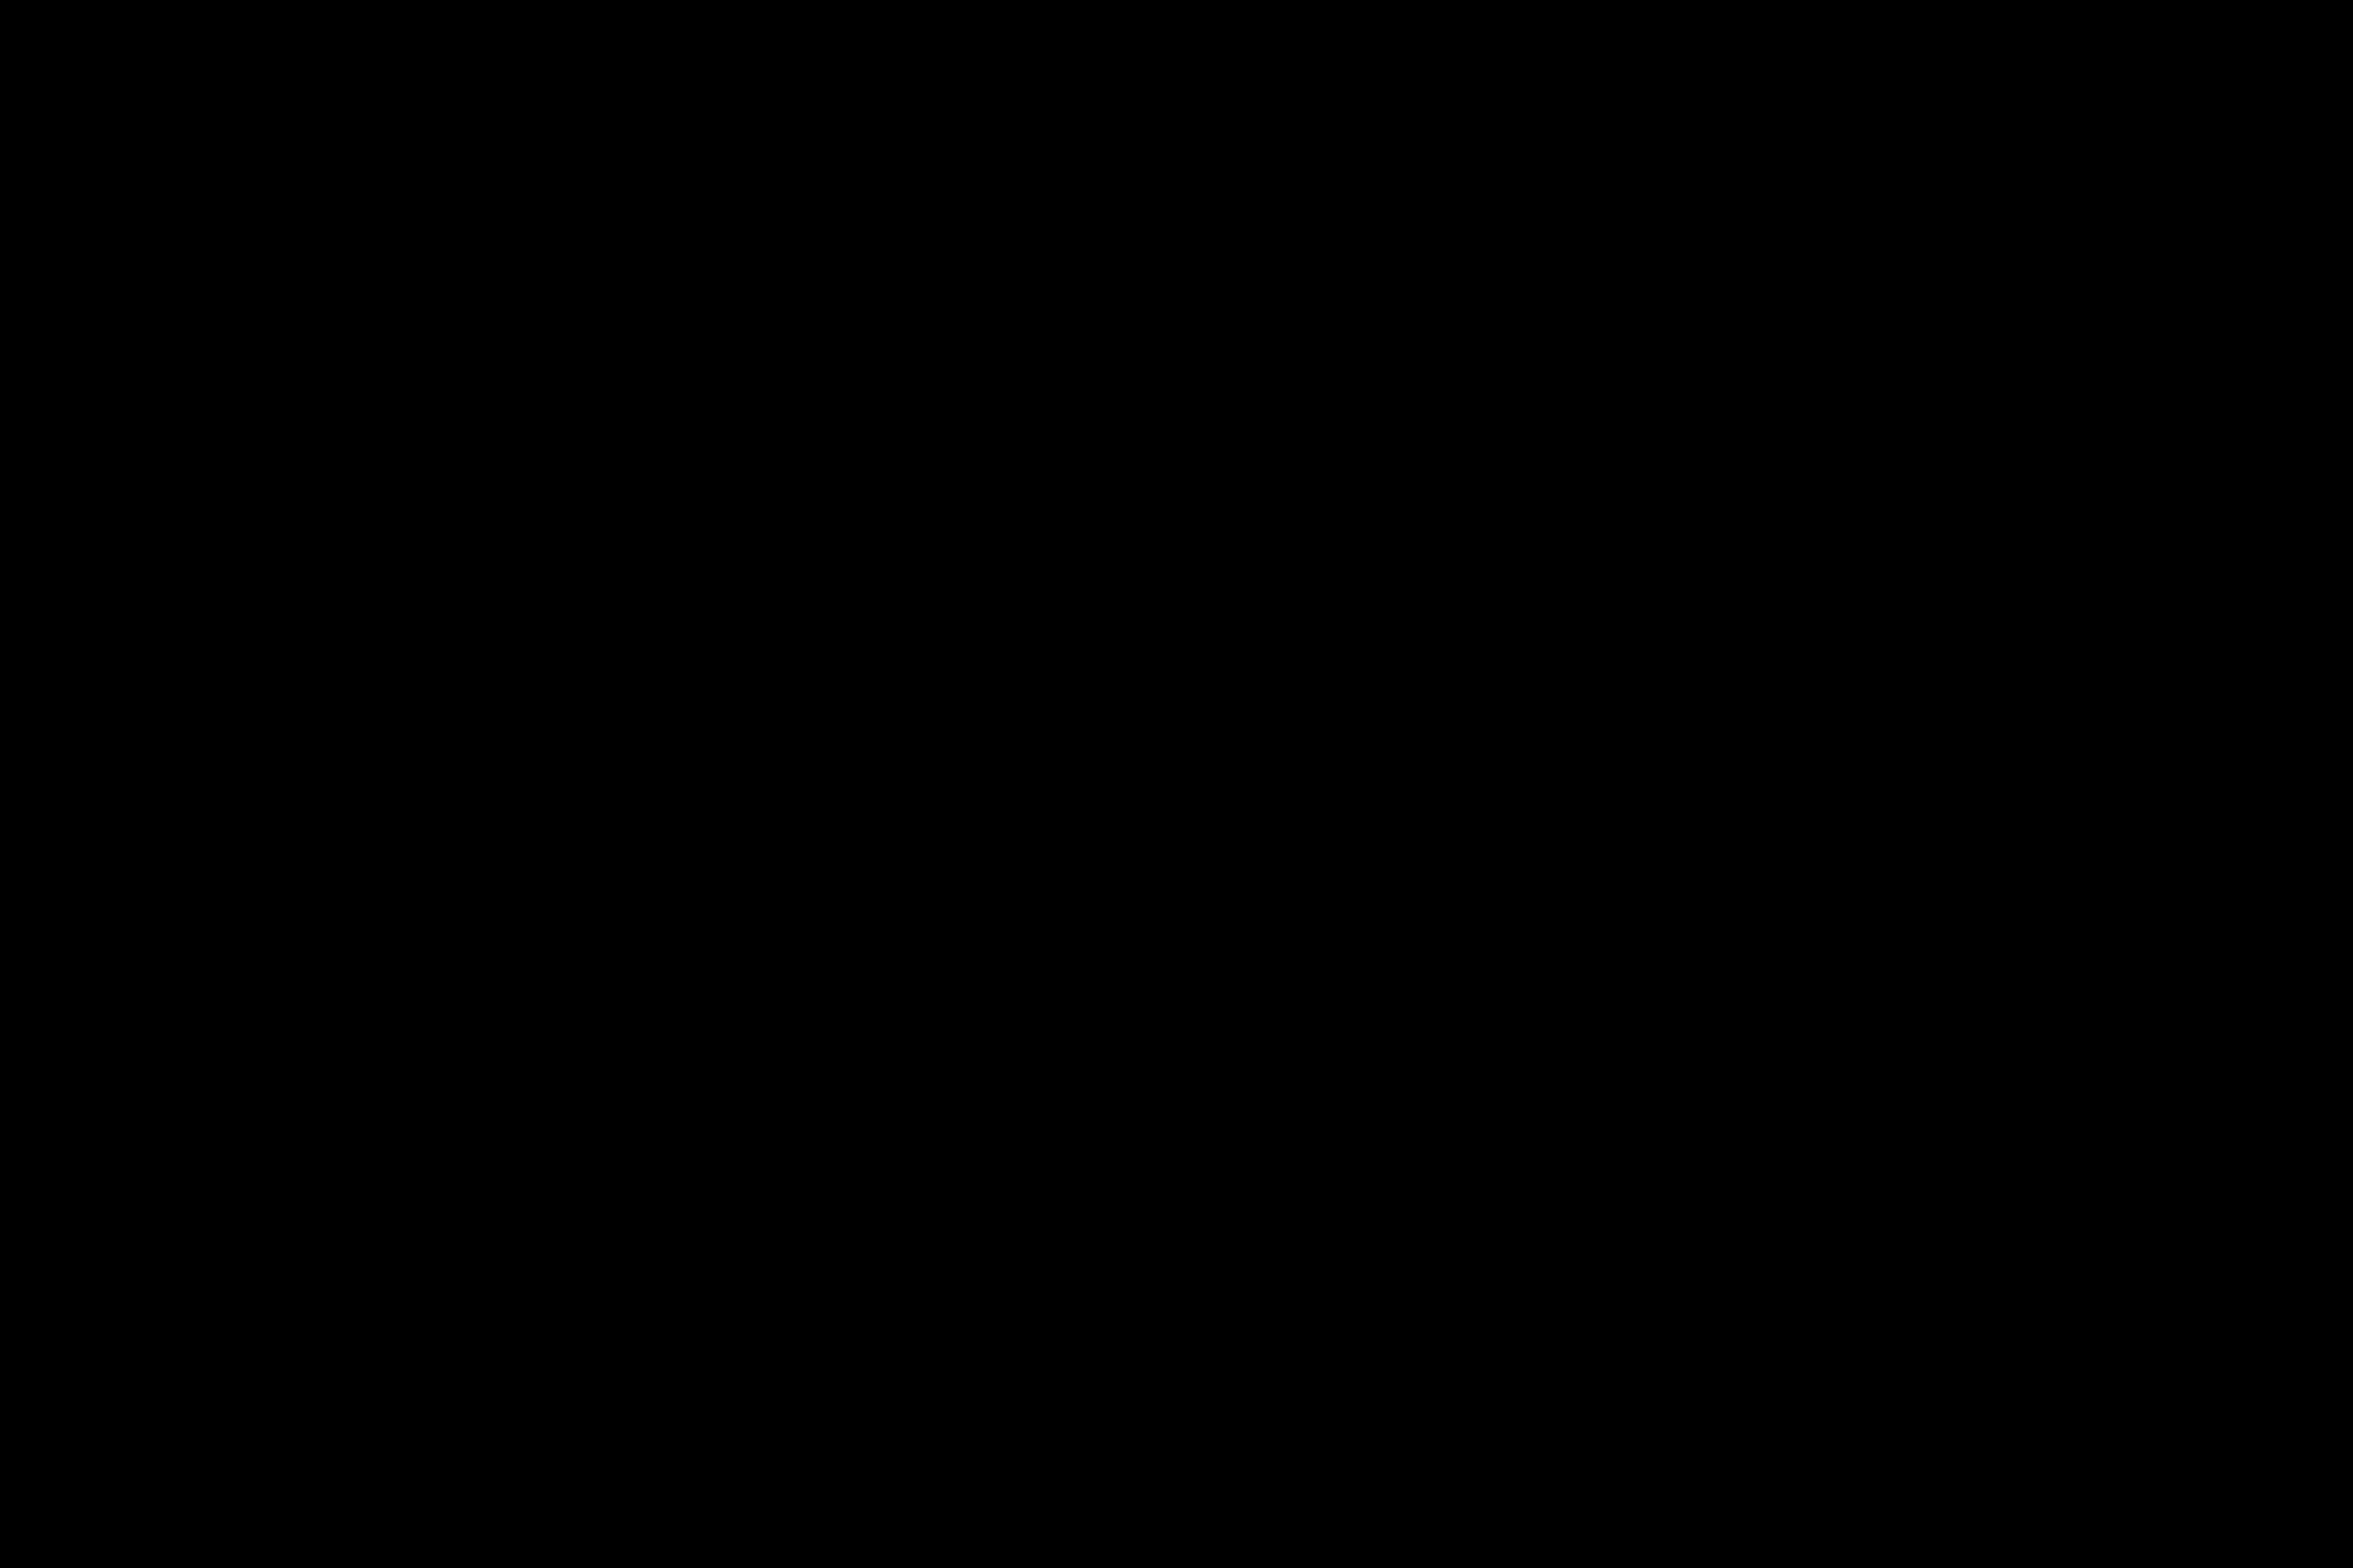 Calendrier 2016 imprimer excel et pdf webcalendrier - Calendrier des lunes 2016 ...